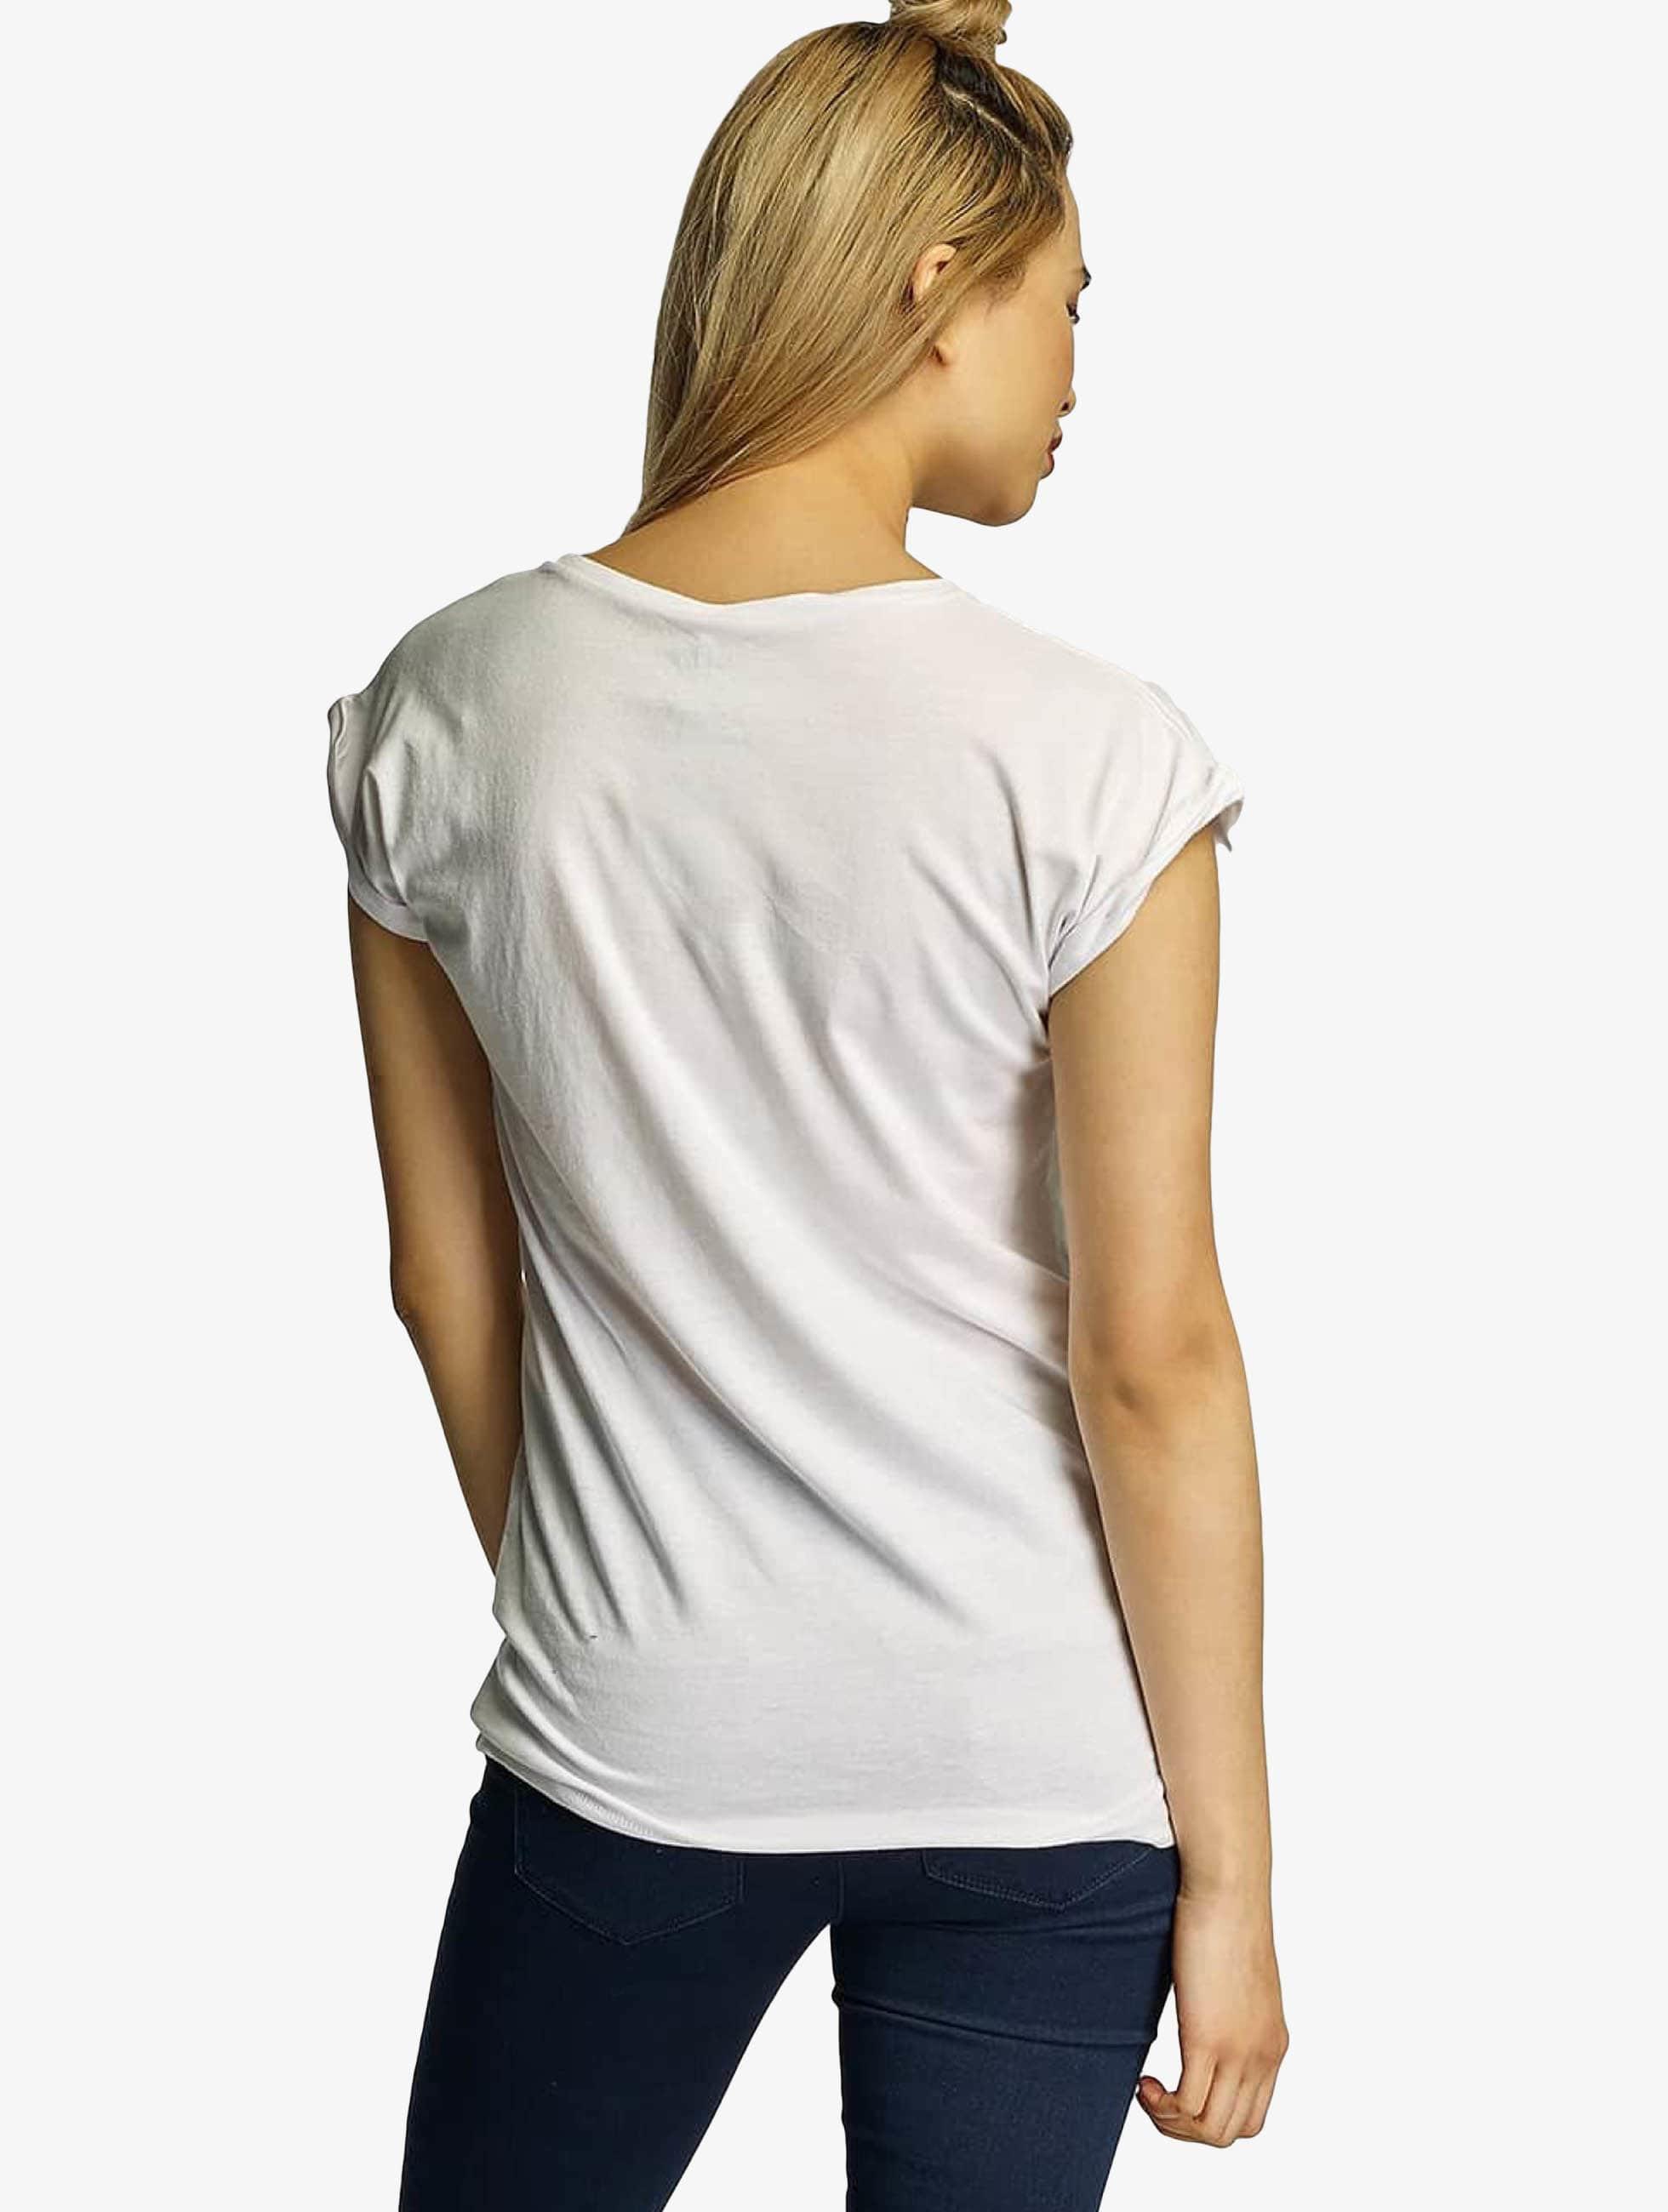 Mister Tee T-Shirt Jimmy Hendrix white